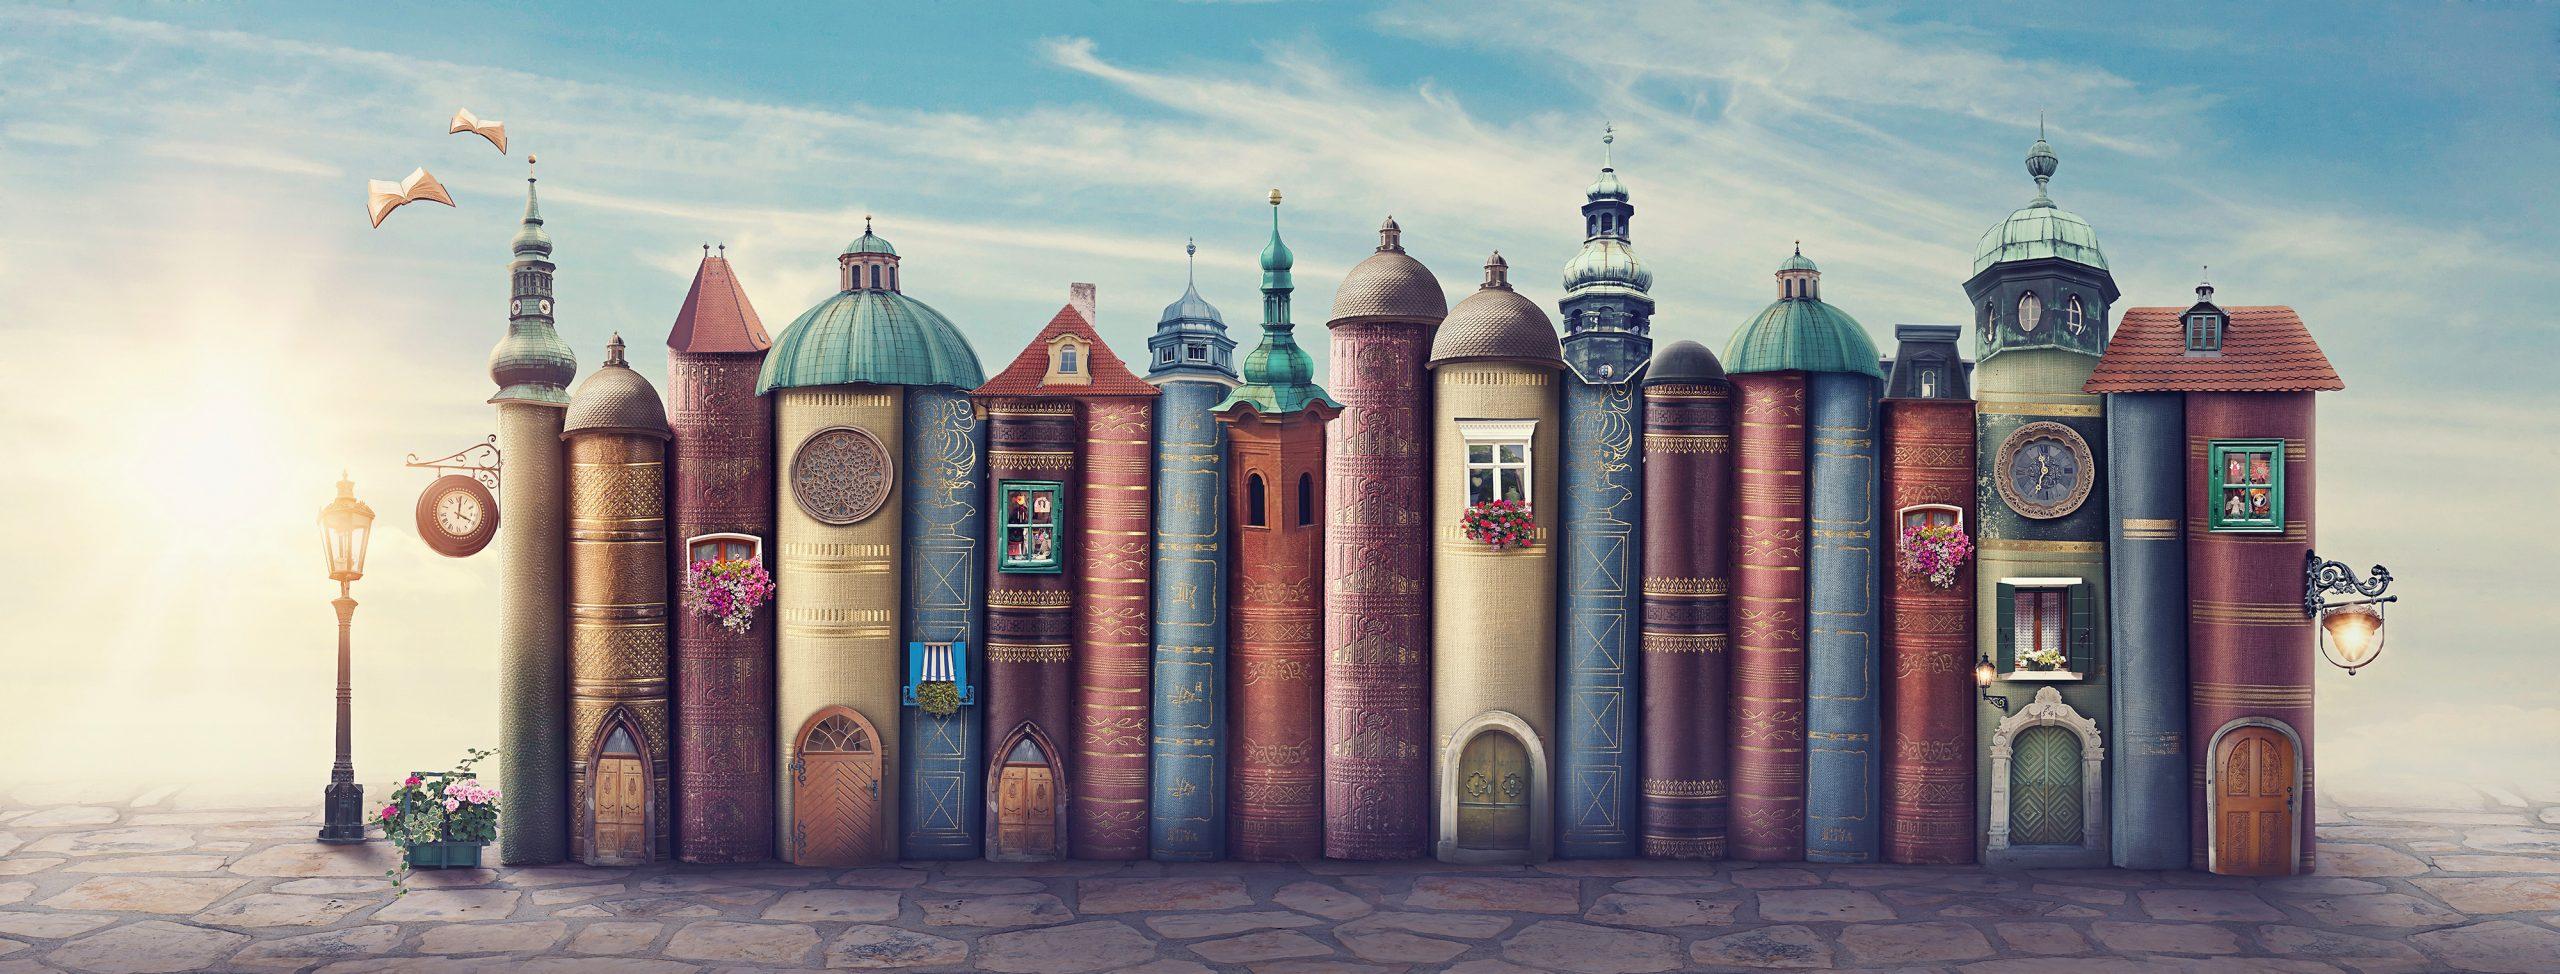 «Culture chez vous», 10 livres découvertes